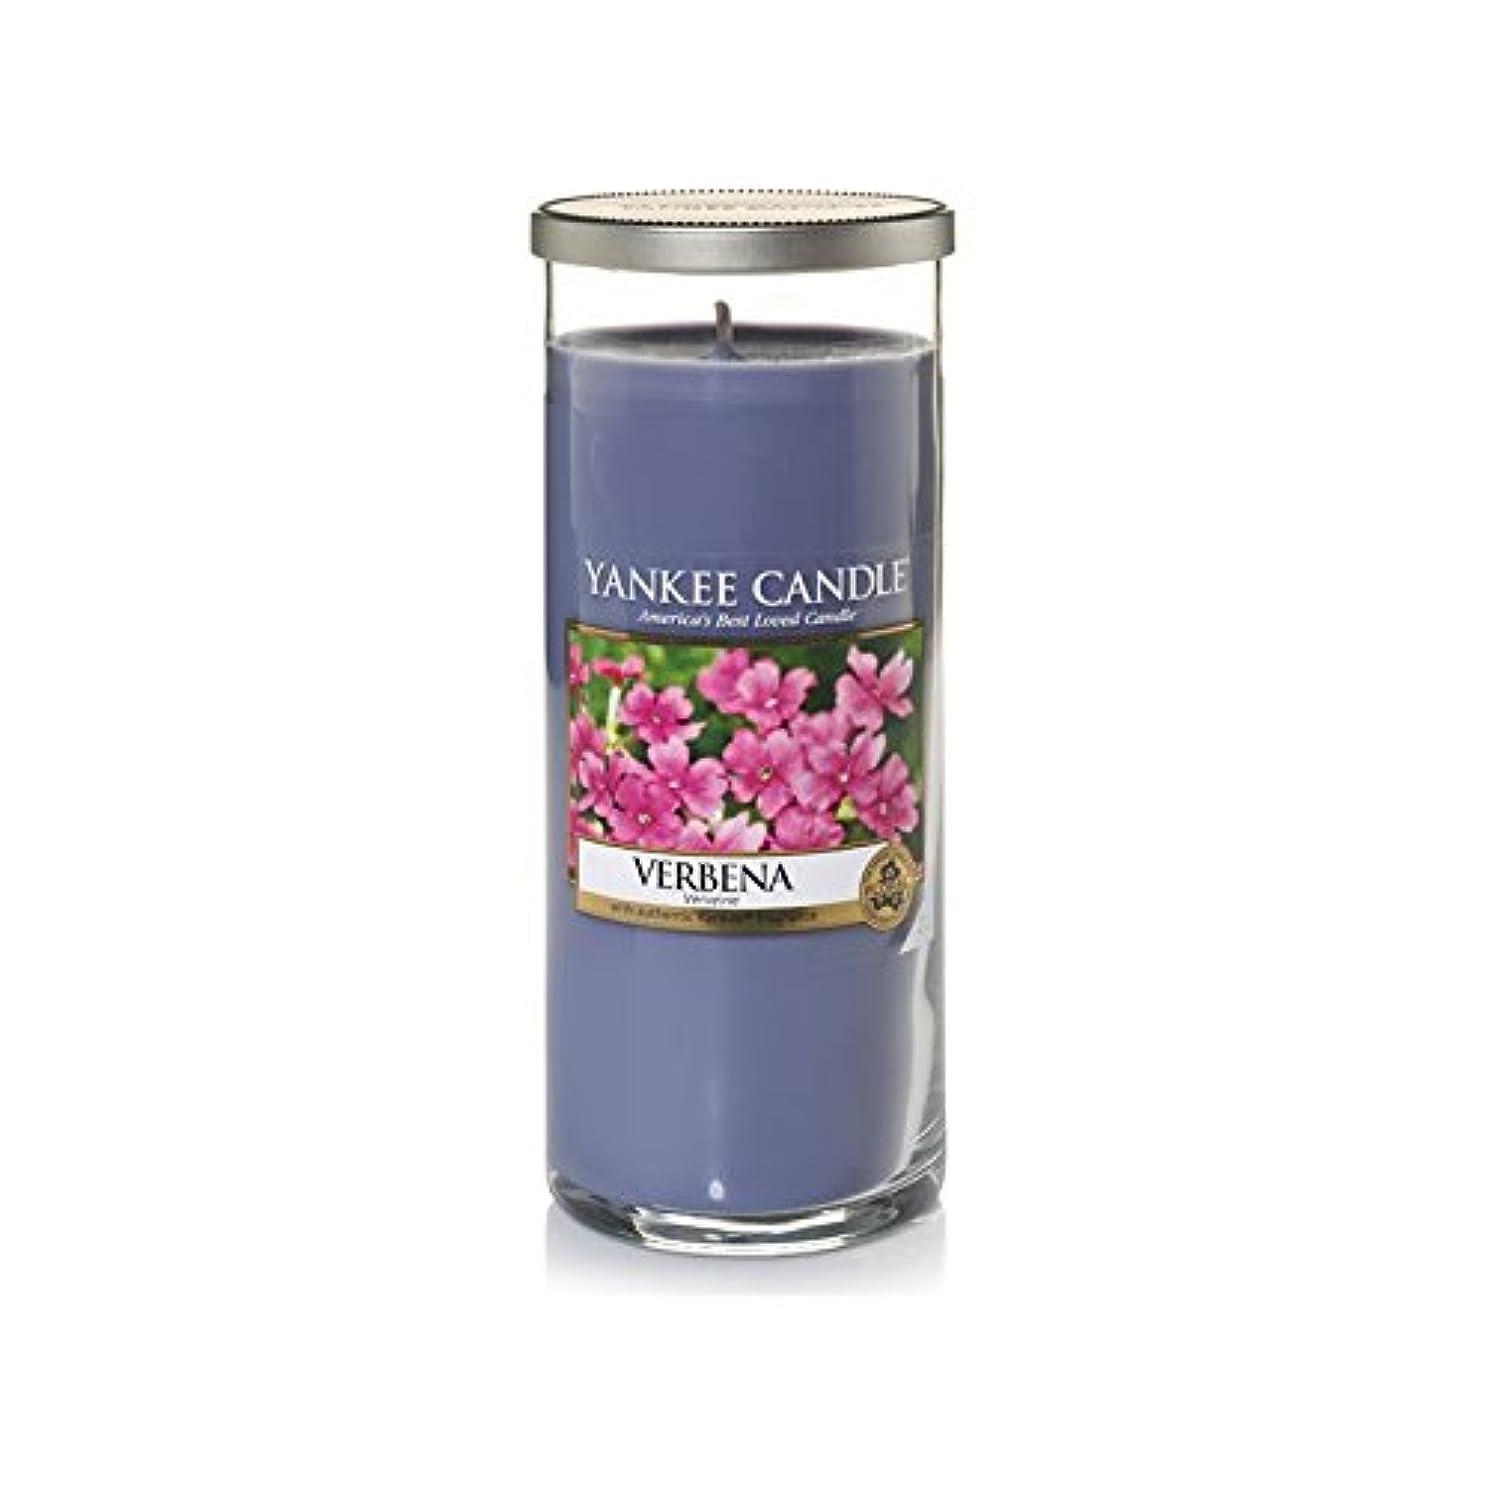 師匠マーチャンダイザー関税Yankee Candles Large Pillar Candle - Verbena (Pack of 2) - ヤンキーキャンドル大きな柱キャンドル - バーベナ (x2) [並行輸入品]